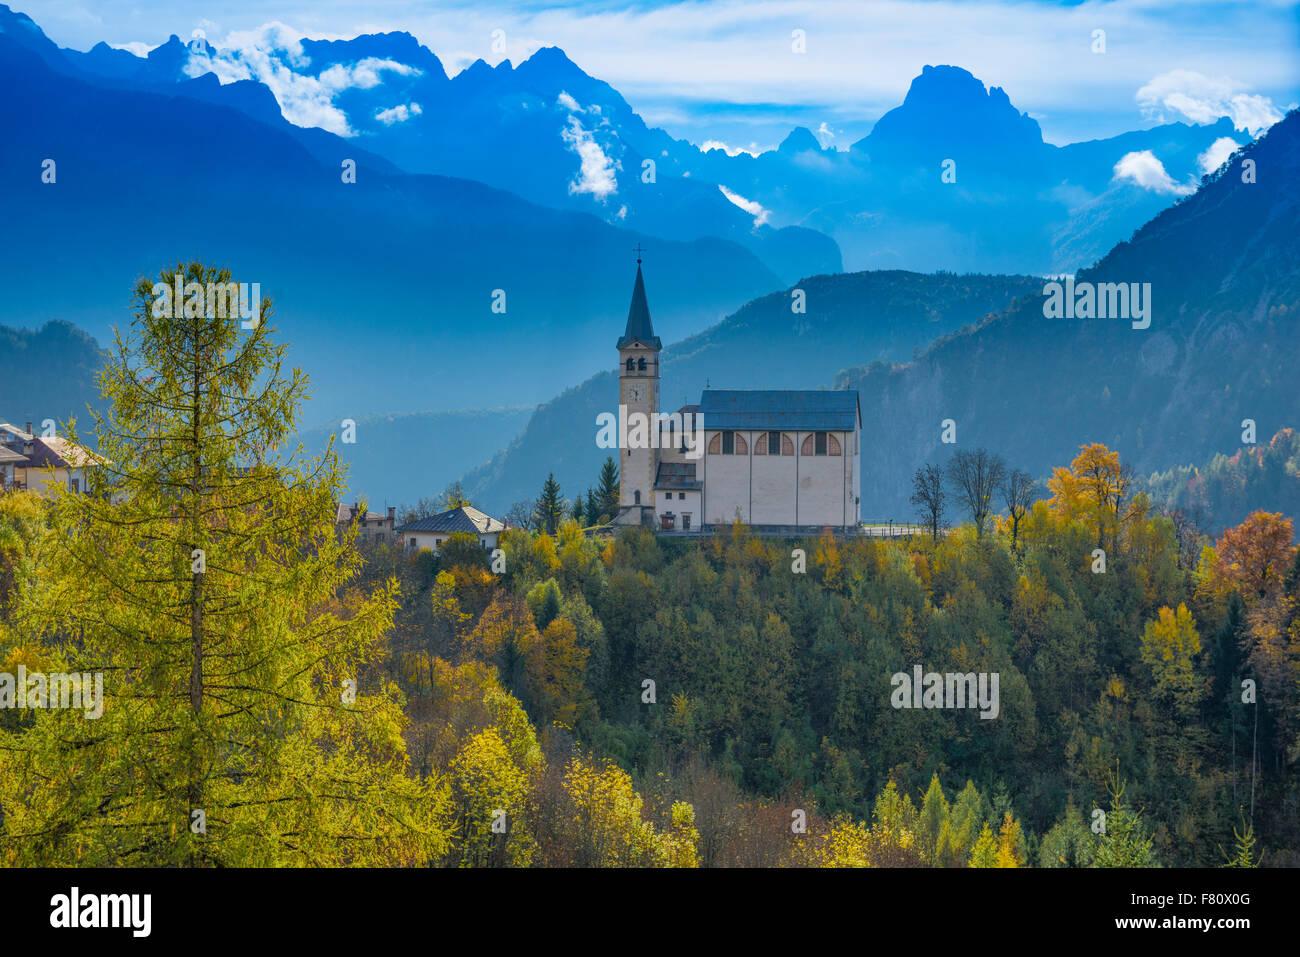 L'église et de la Dolomite Peaks, près de Cortina D'Ampezzo, Italie, Alpes Italiennes Banque D'Images